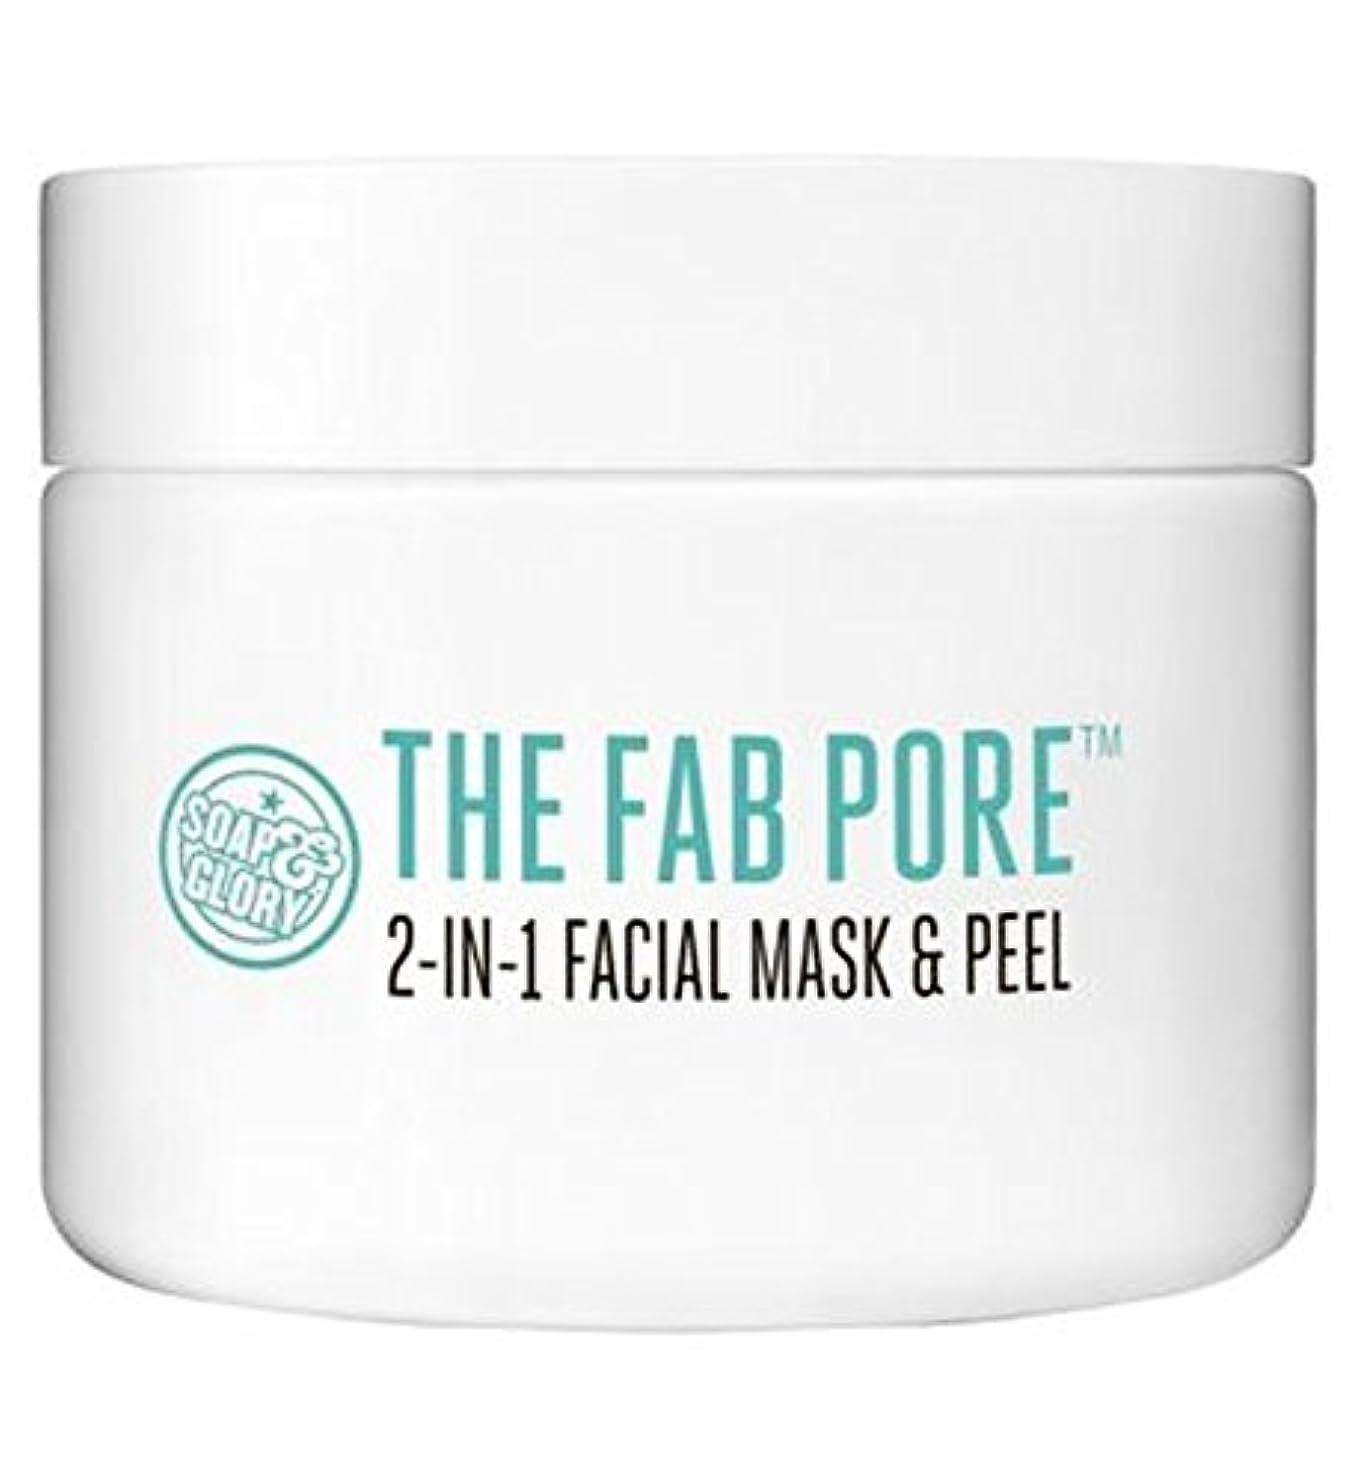 気難しい抵抗するそっとSoap & Glory? Fab Pore? 2-in-1 Facial Pore Purifying Mask & Peel - ファブ細孔?2イン1顔の細孔浄化マスク&ピール?石鹸&栄光 (Soap & Glory...